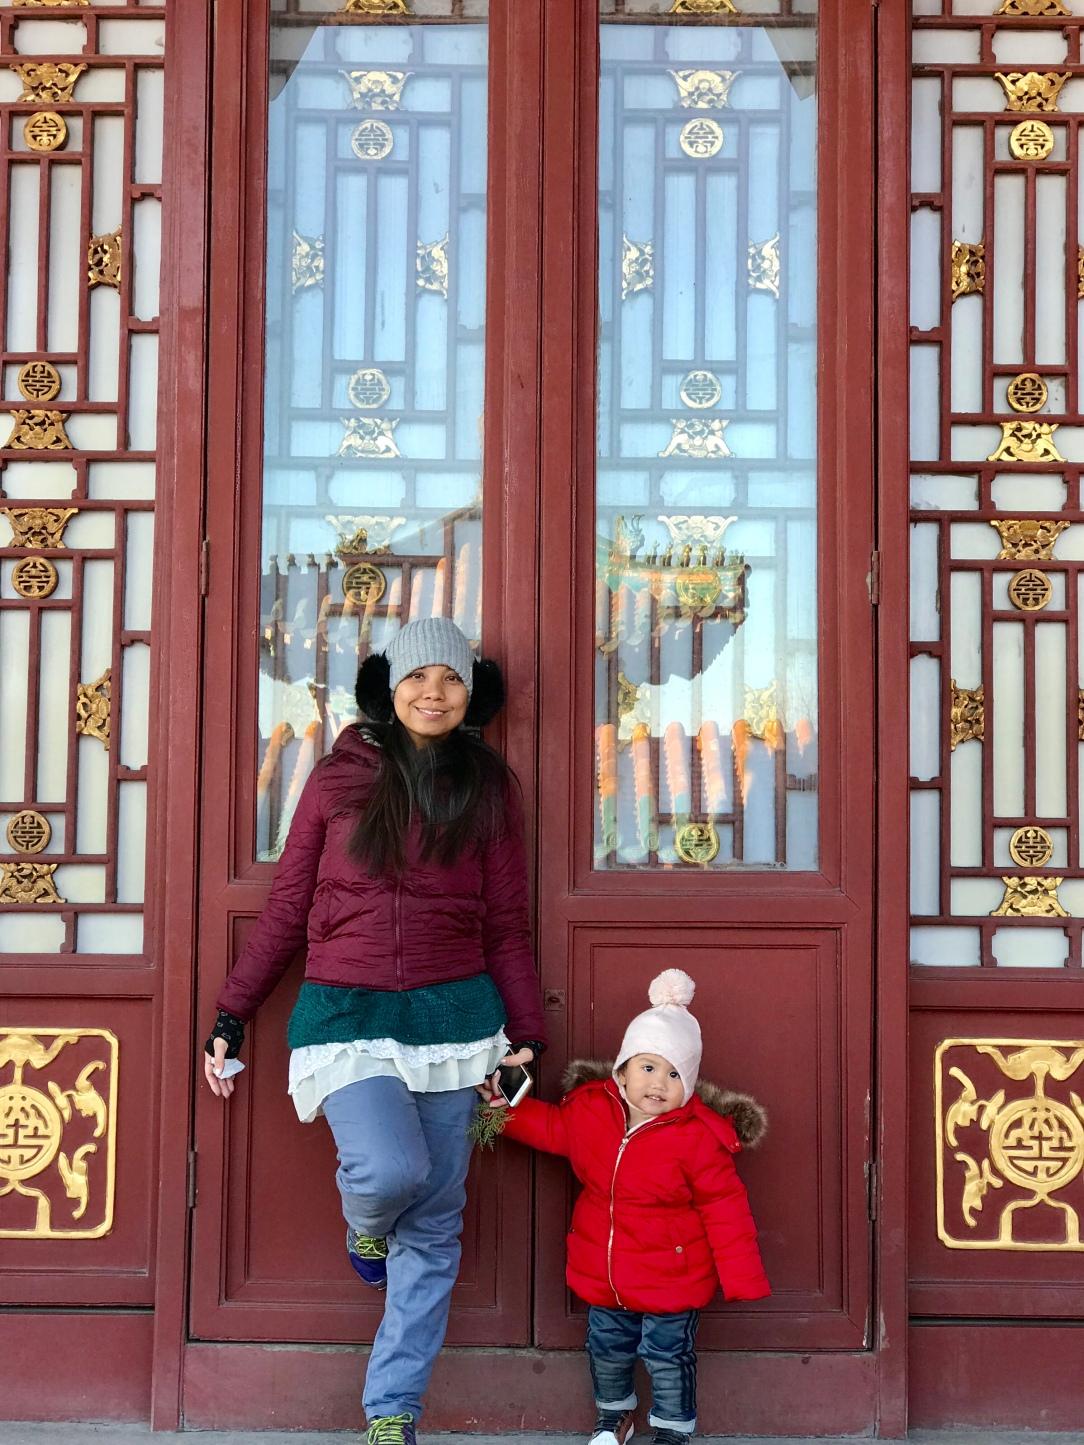 Summer palace Beijing winter